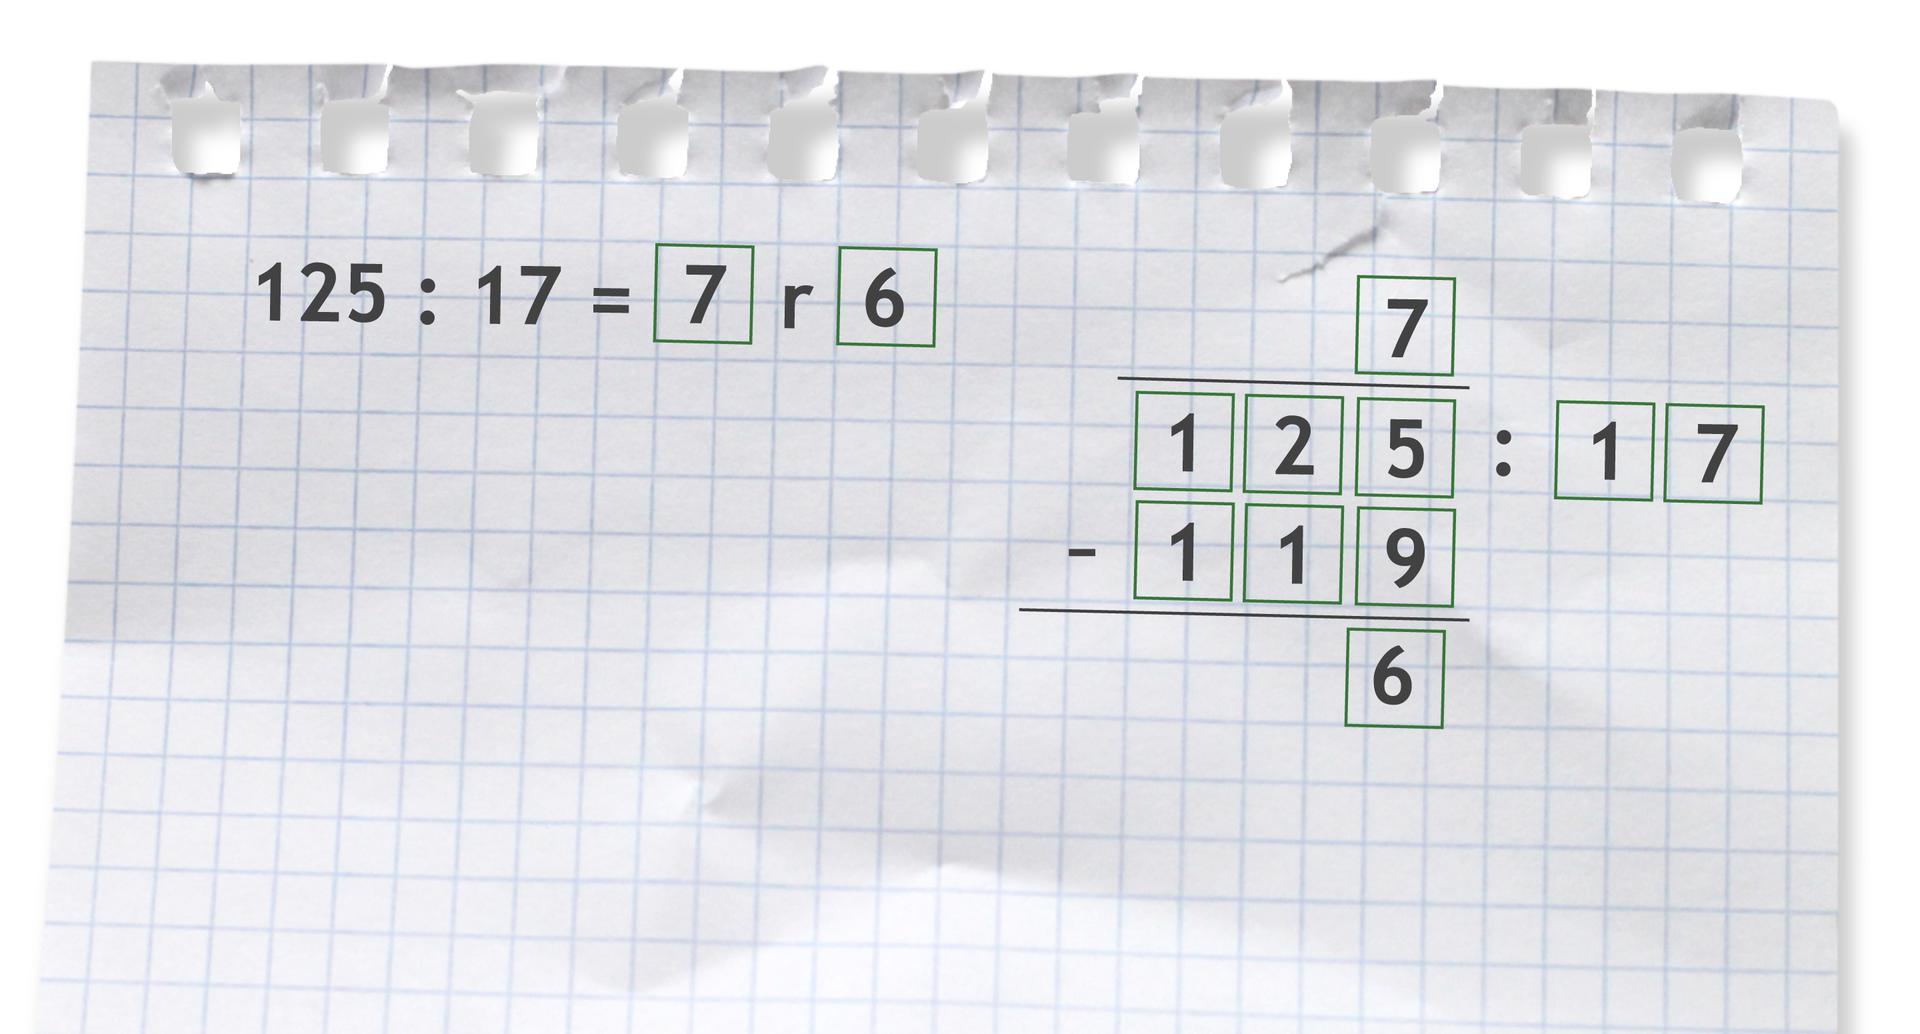 Przykład: 125 dzielone przez 17 =7 r6. Rozwiązanie zadania podpunkt a.